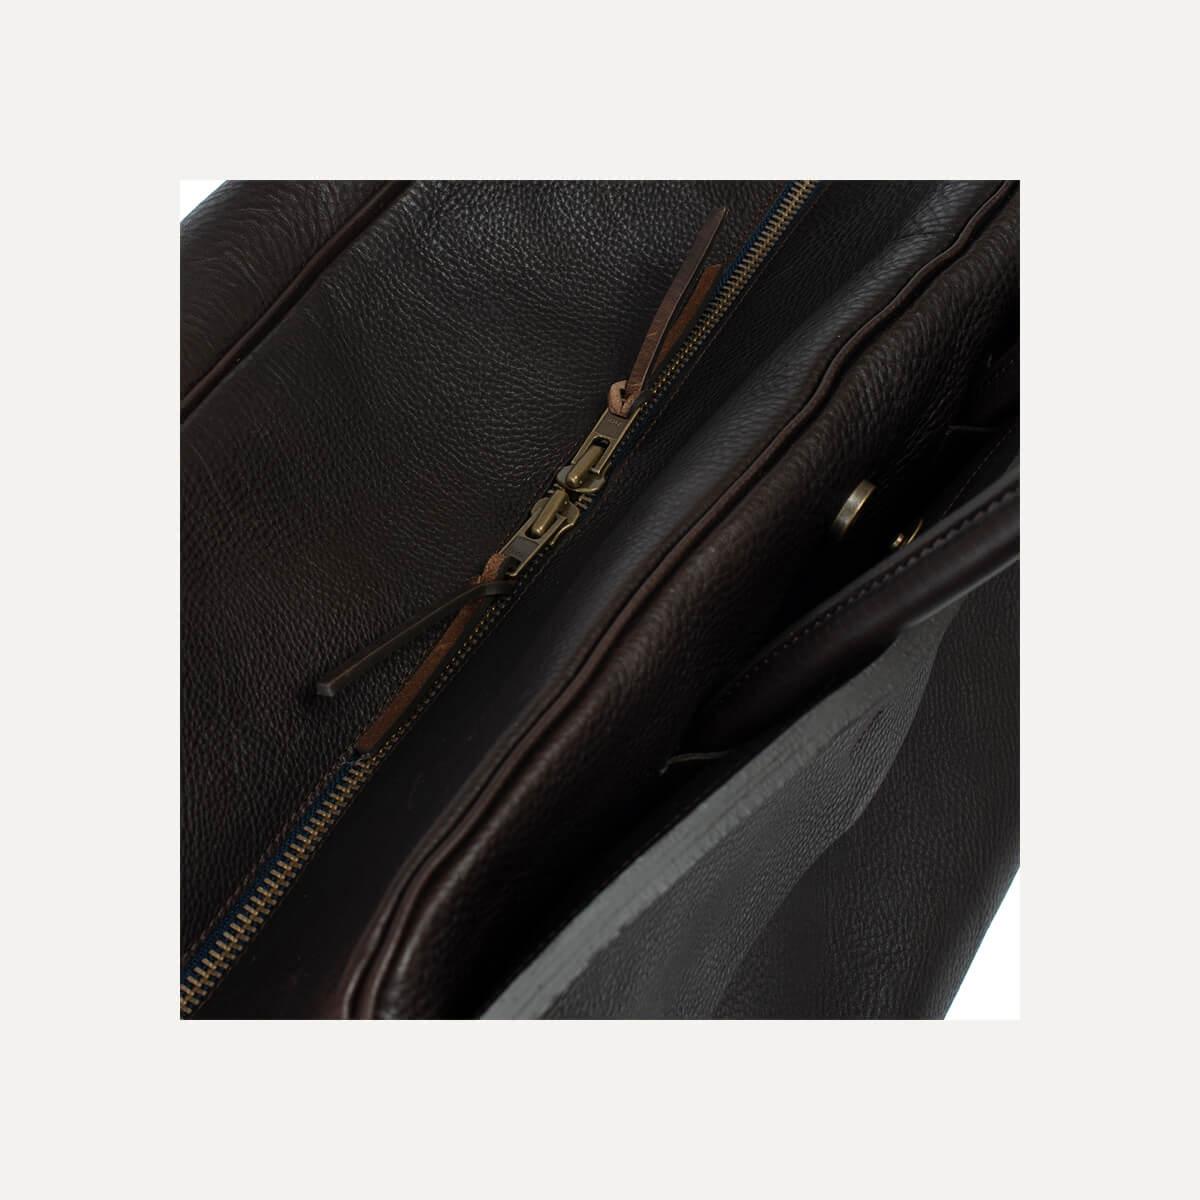 Gummo travel bag - Dark Brown / E Pure (image n°6)